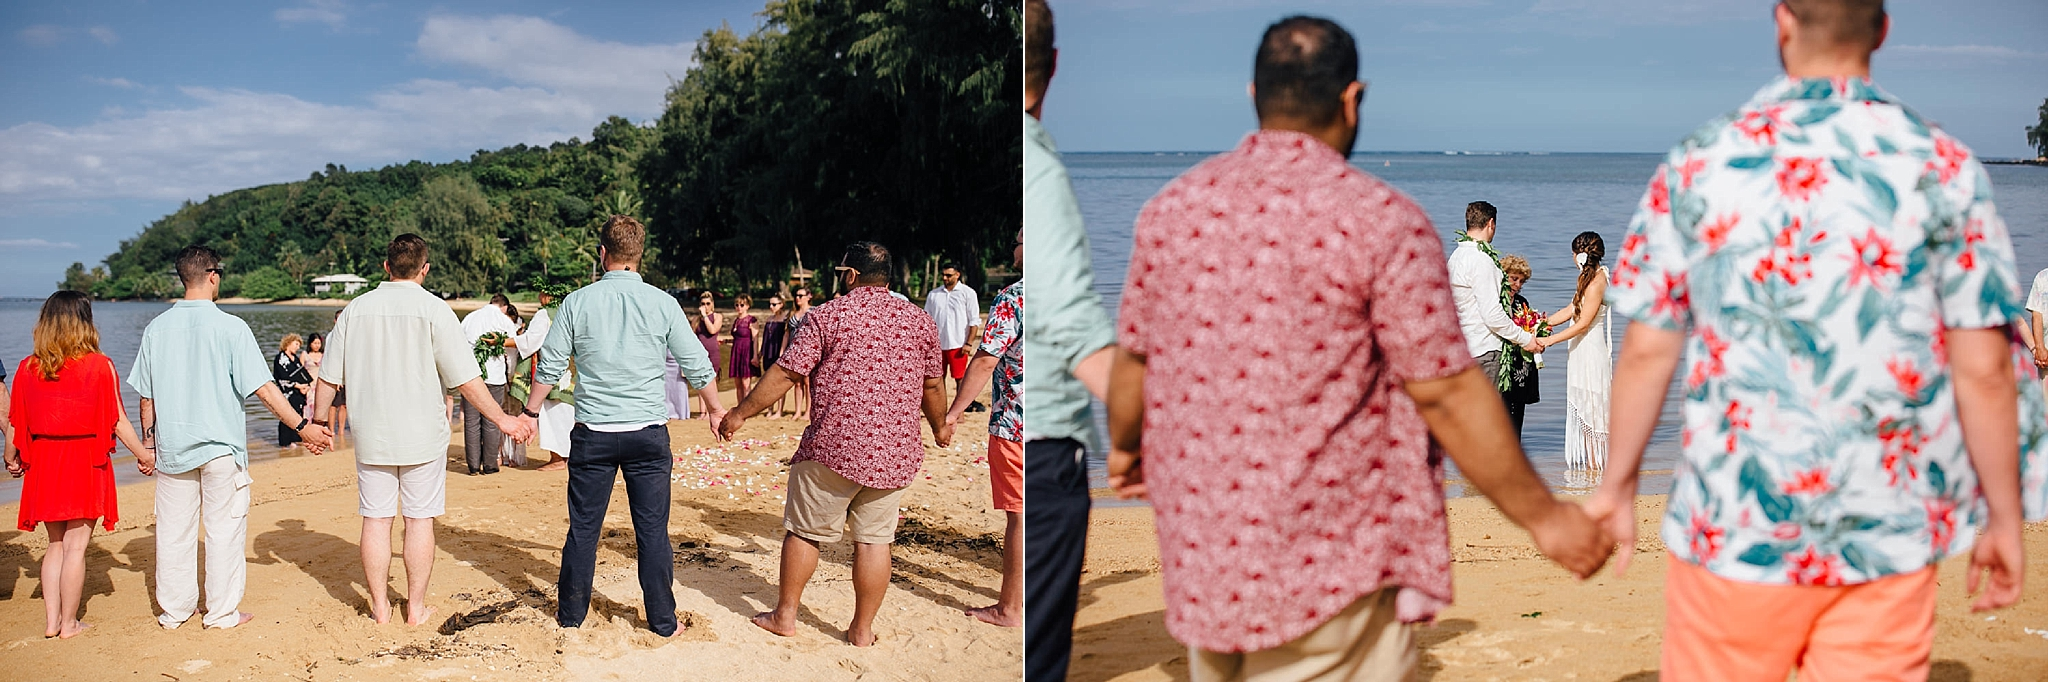 wedding-kauai-s-r-31